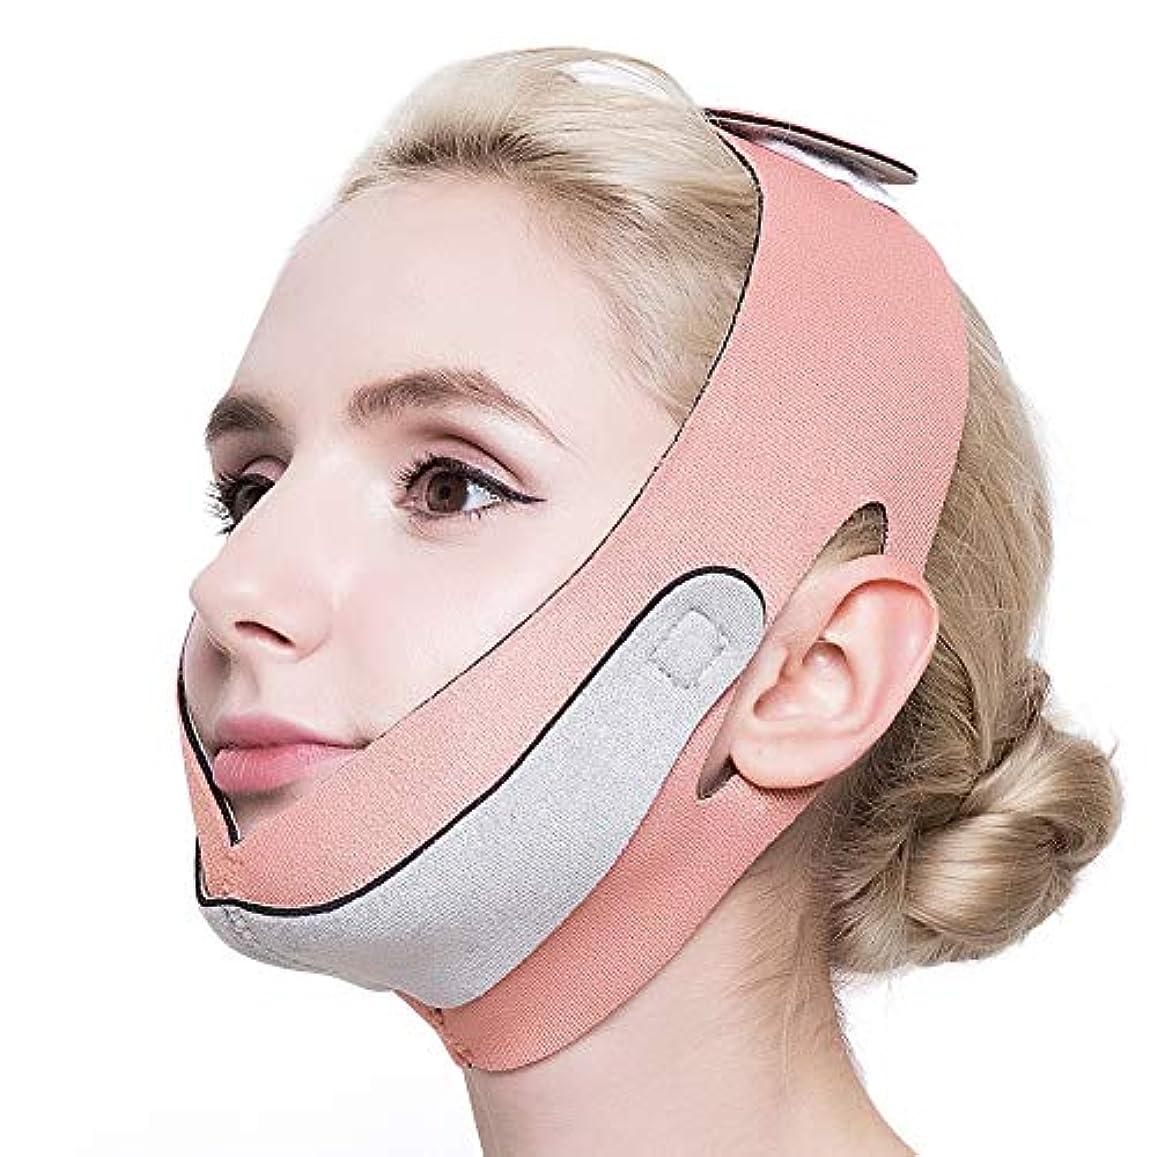 発生する確立します最大化する小顔 矯正 美顔 顔痩せ グッズ フェイス マスク フェイスベルト ベルト コルセット メンズ サポーター